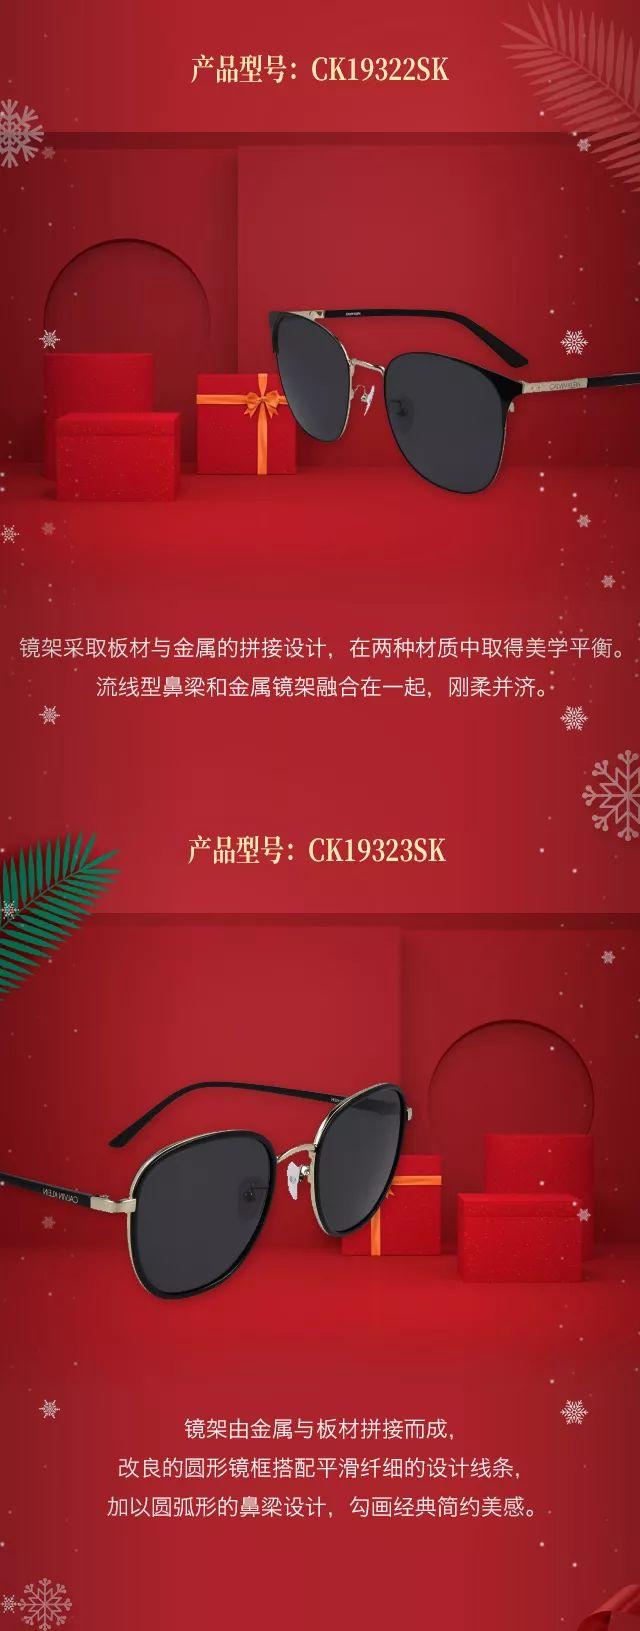 上海日上免税行12月圣诞新片抢好艾�]想到先看 ( 附价格)